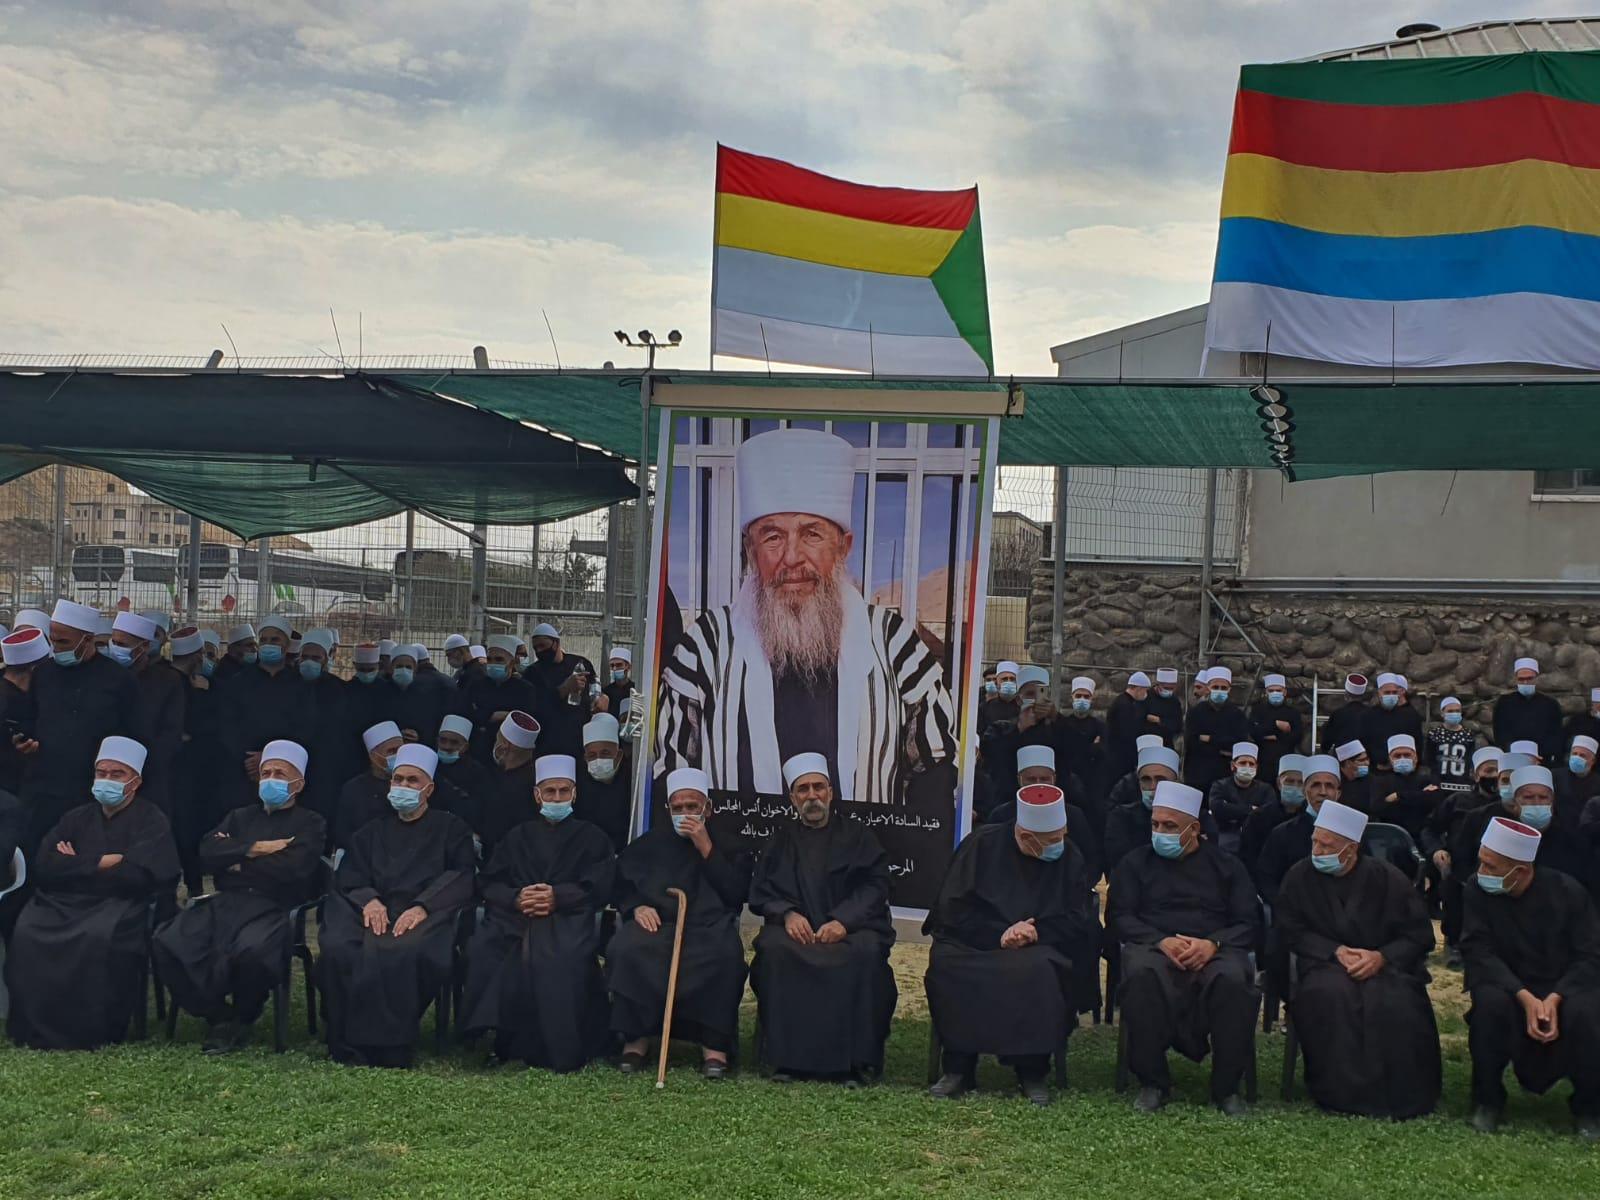 مجدل شمس: تشييع الشيخ حسن الحلبي وسط إجراءات صحية مشددة